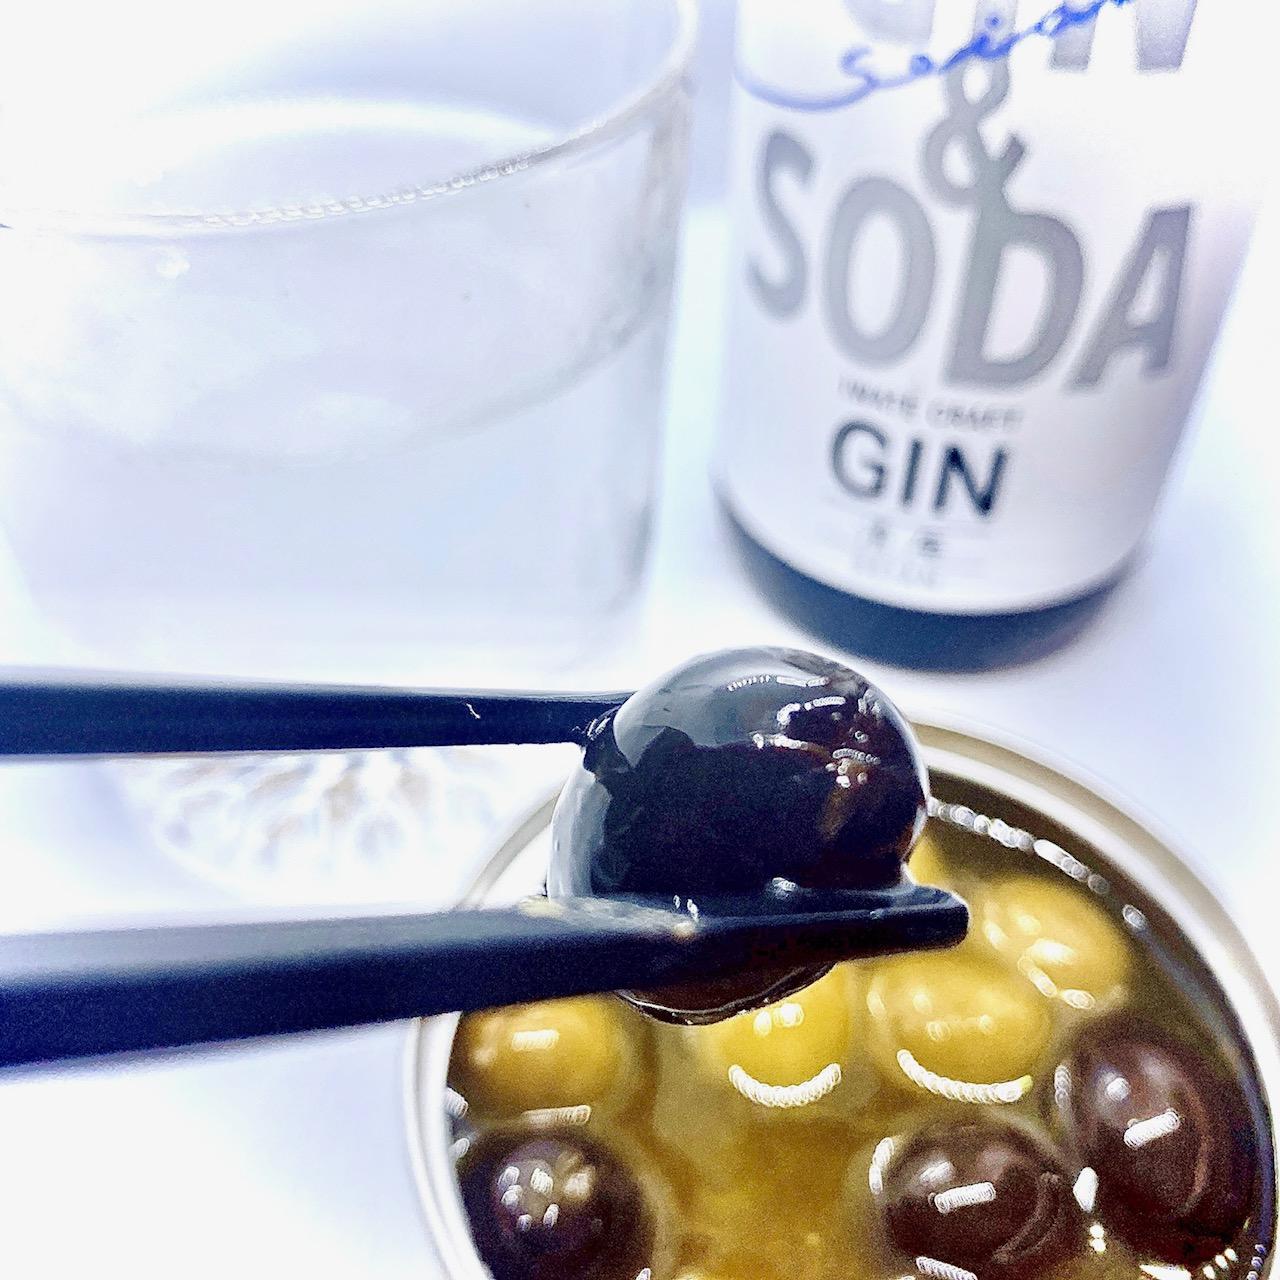 【コンビニペアリング】「クラフトジン&ソーダ(GIN & SODA)清庵-SEIANN-」に「オリーブマリネ」はいかが?